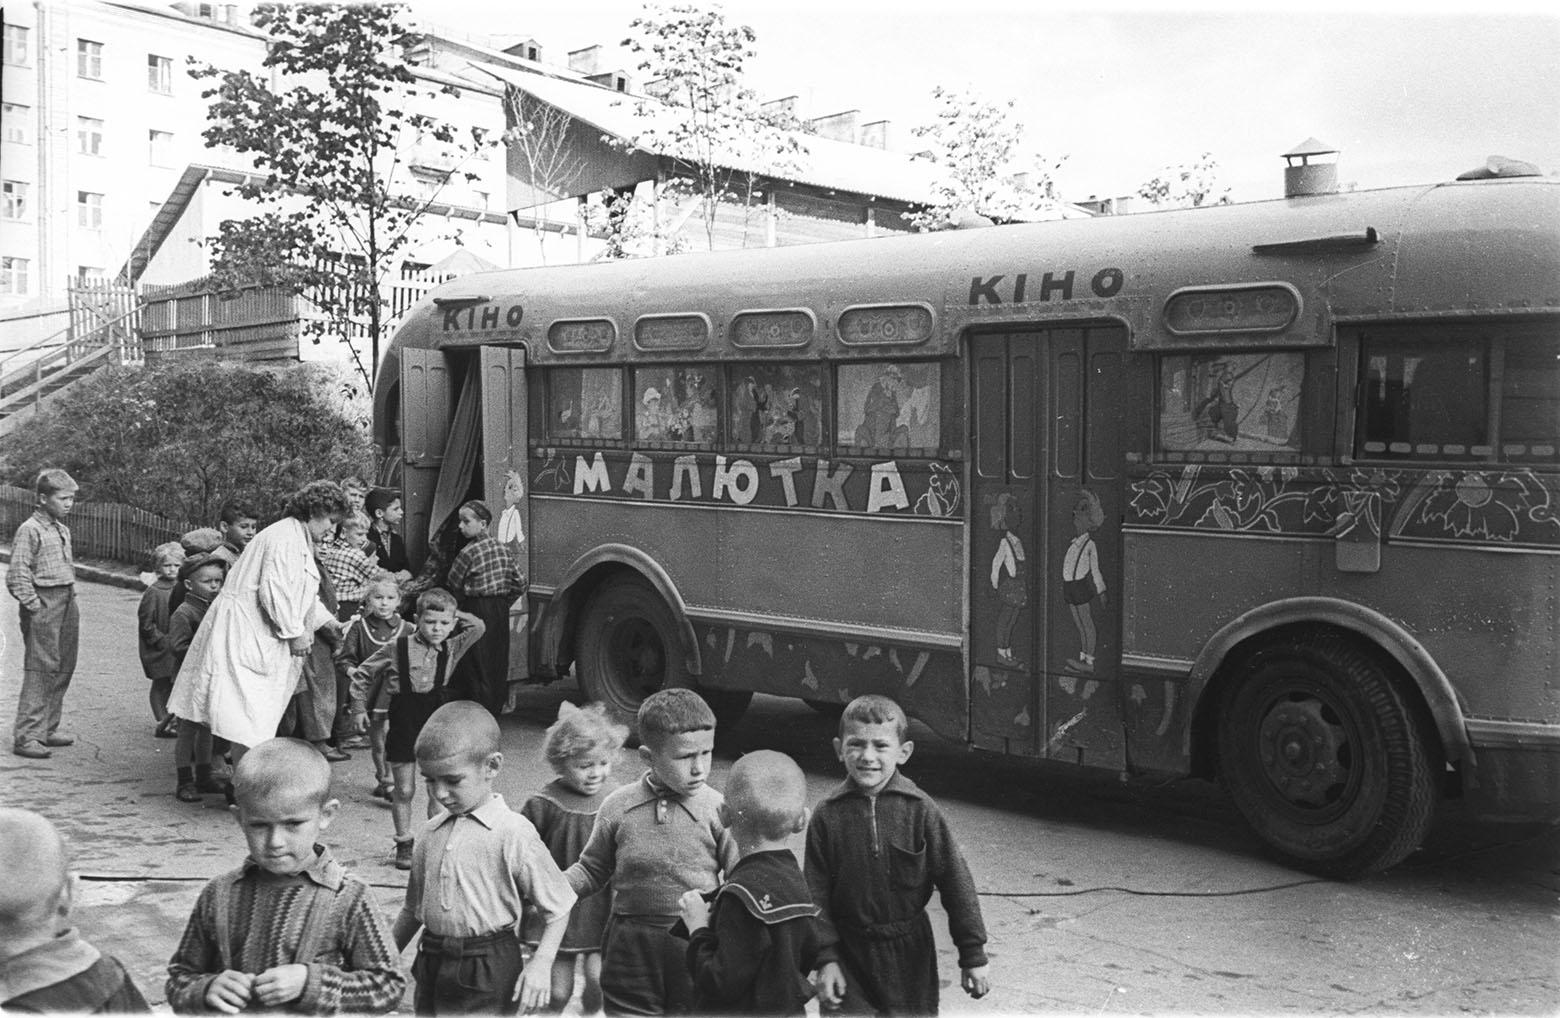 Воспитанники детского сада Минского полиграфического комбината у передвижного кинотеатра для дошкольников «Малютка», 1960 год